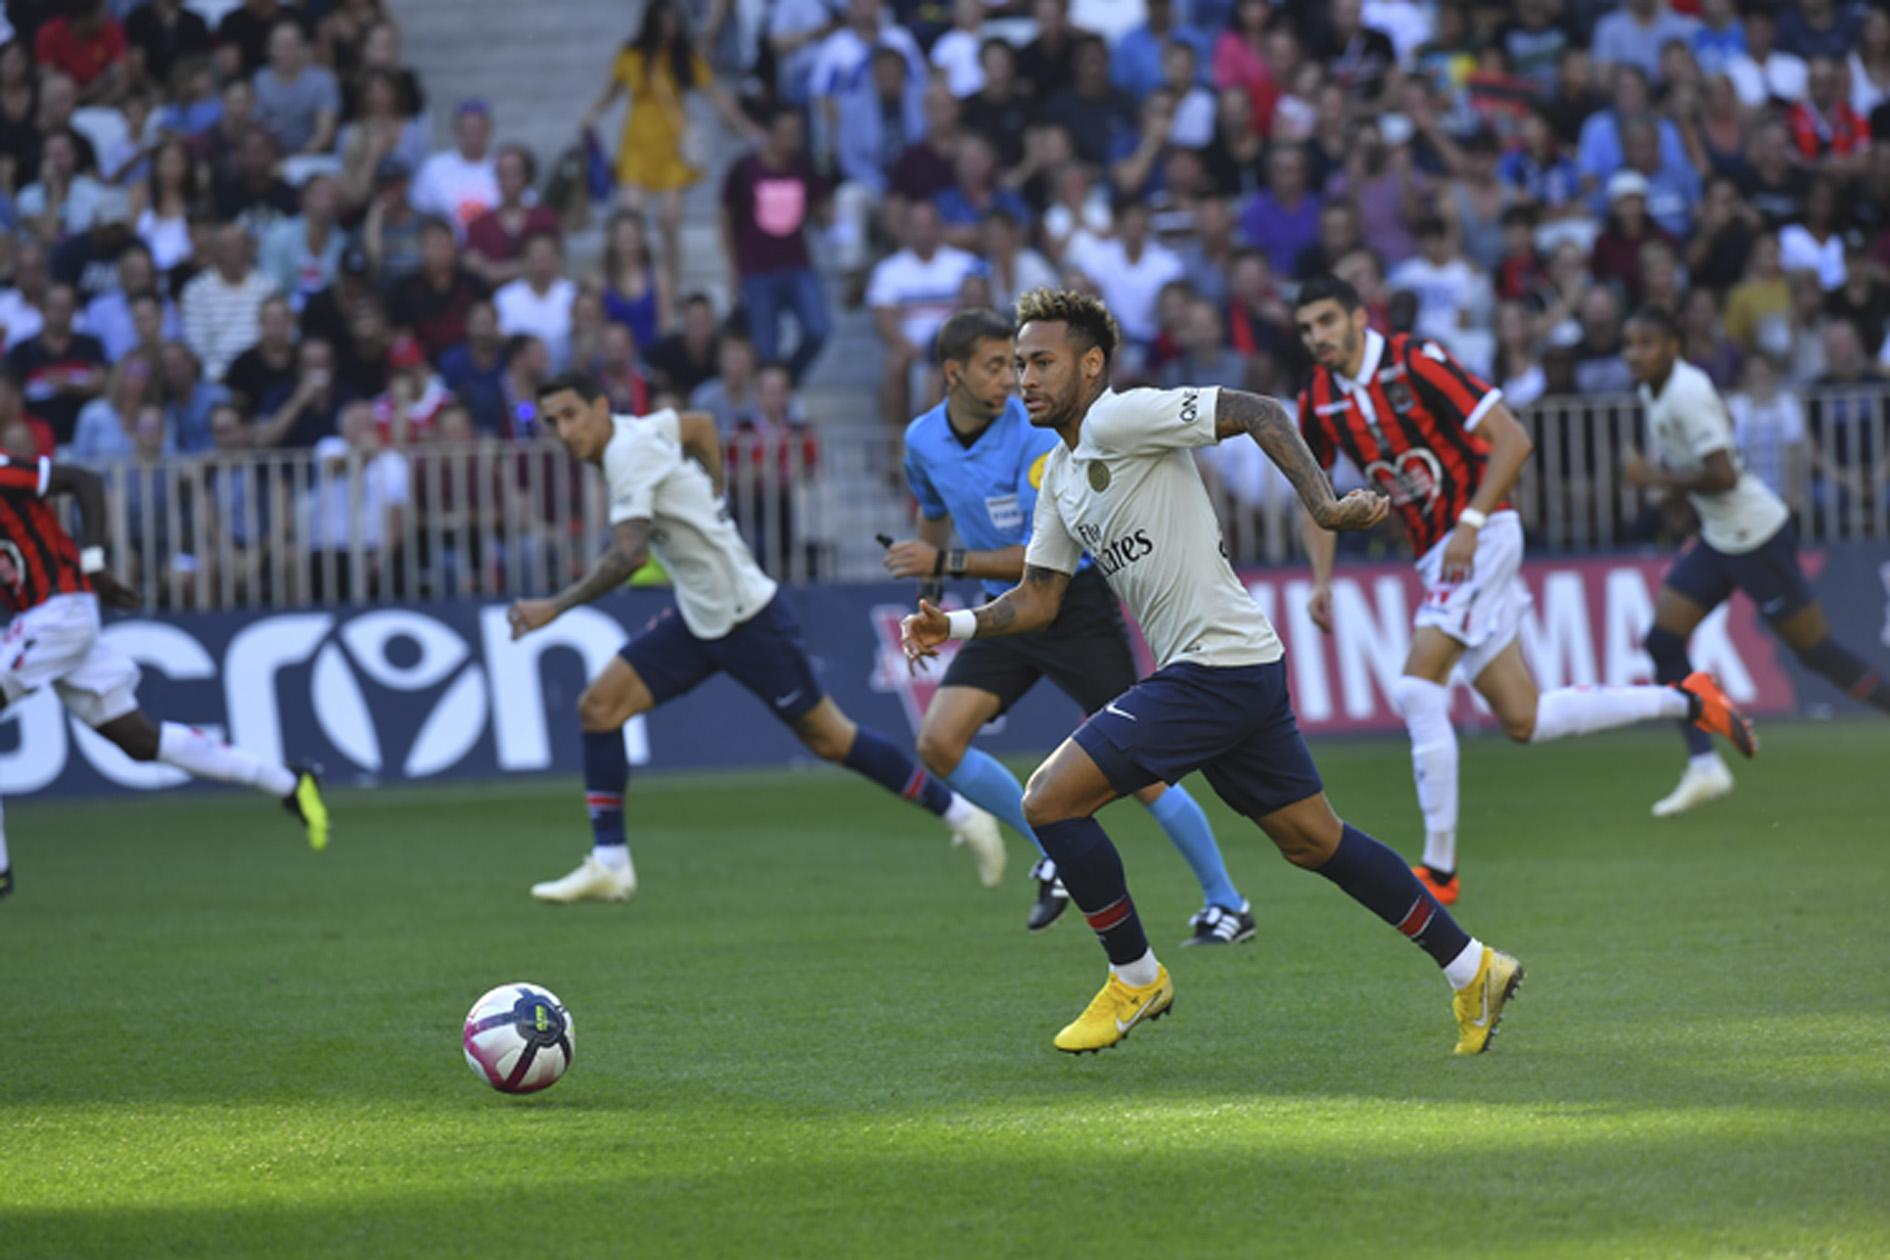 Football - Ligue 1 - Doublé de Neymar, 0-3: les buts en vidéo du PSG à Nice l'an dernier